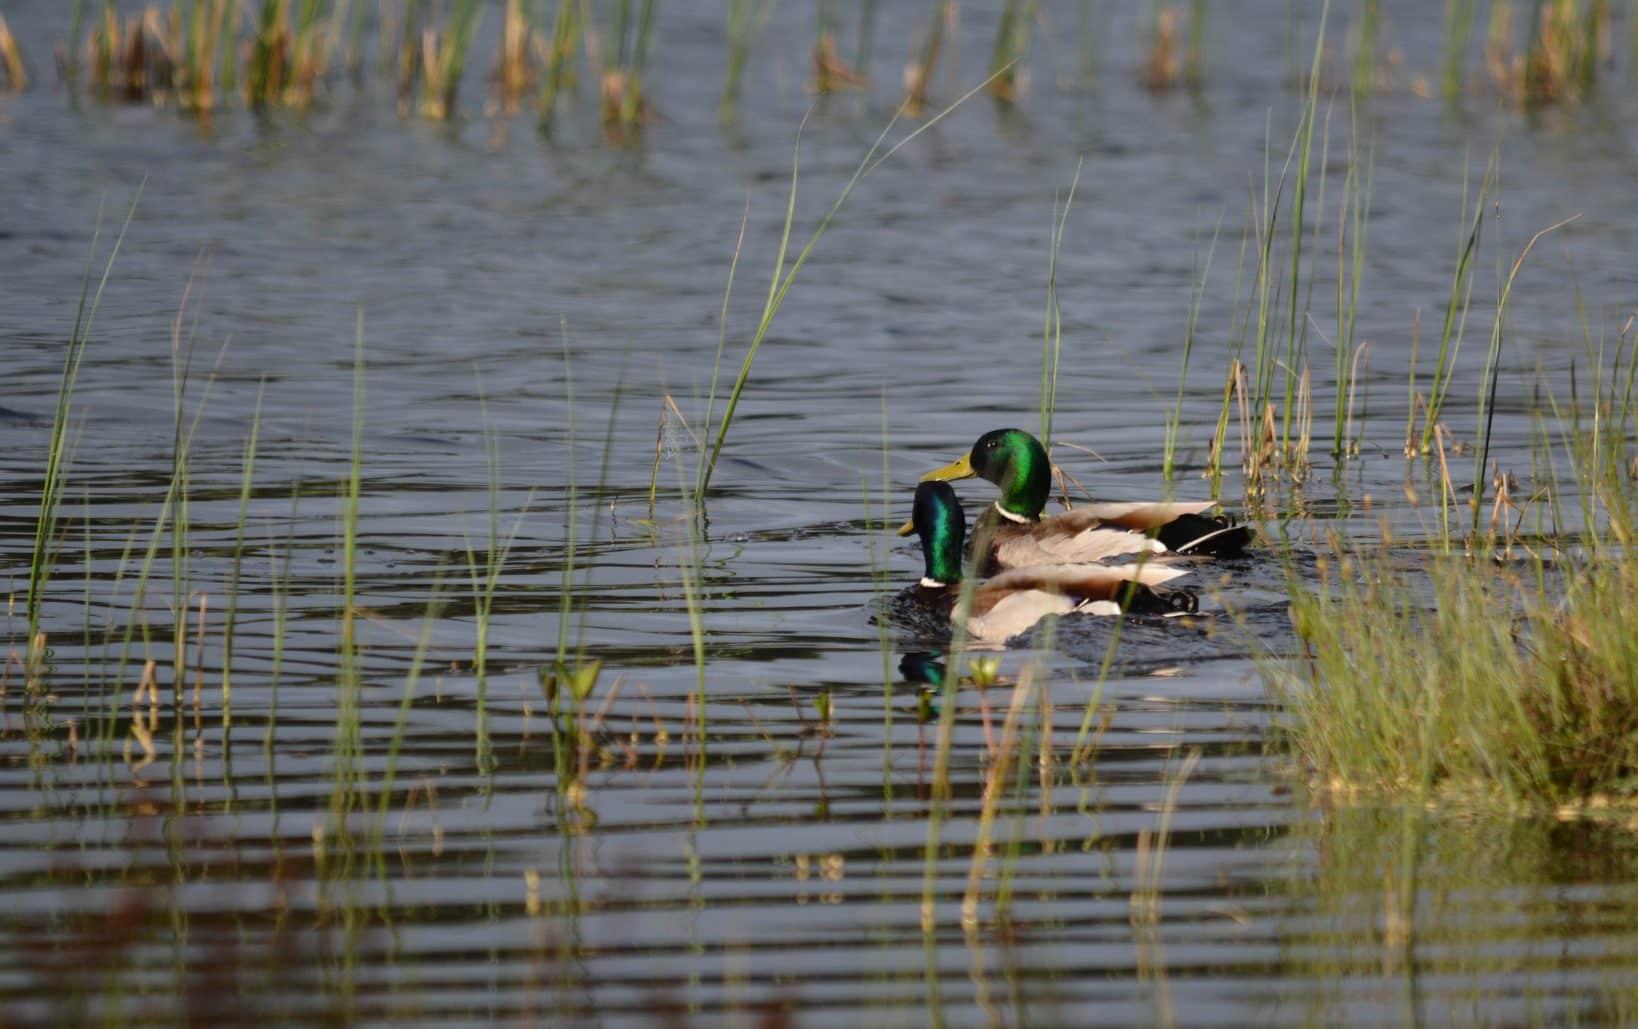 Regeringen satsar under tre år totalt 600 miljoner kronor på våtmarker. Satsningen ska motverka torka och säkra grundvattennivåer i utsatta områden. Foto: Johnny Olsson